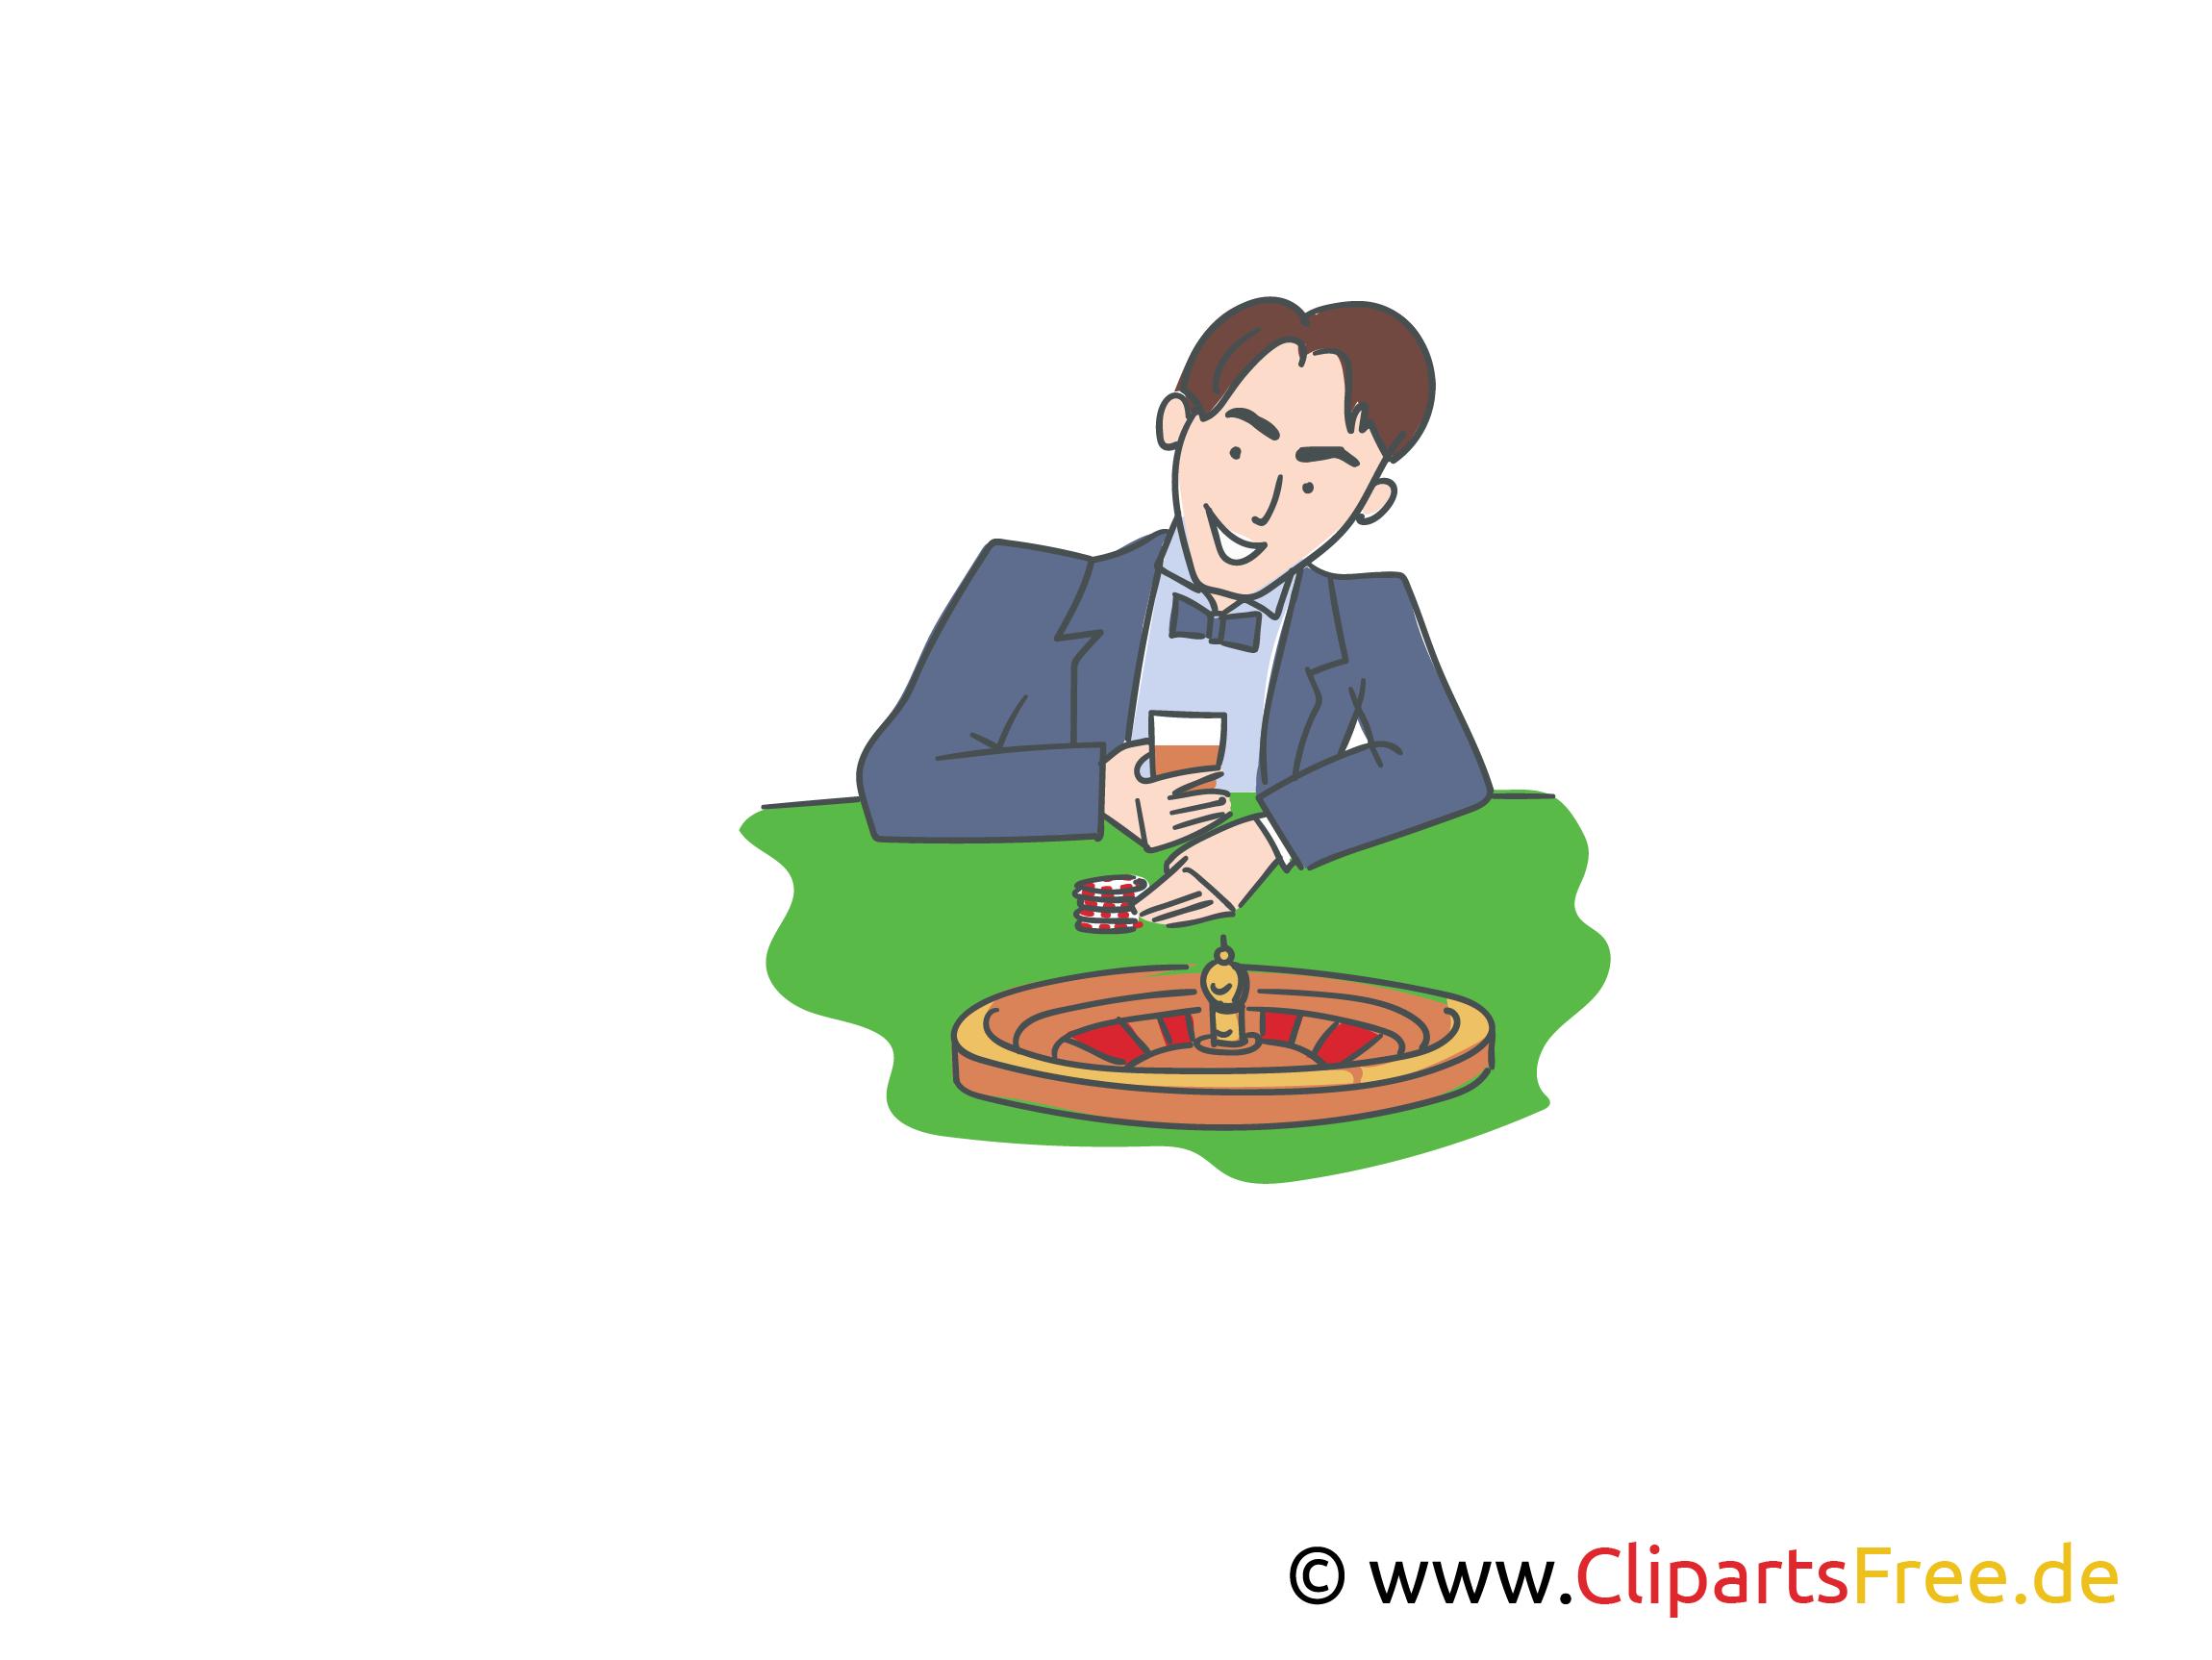 Roulette Spiel kostenlose Cliparts